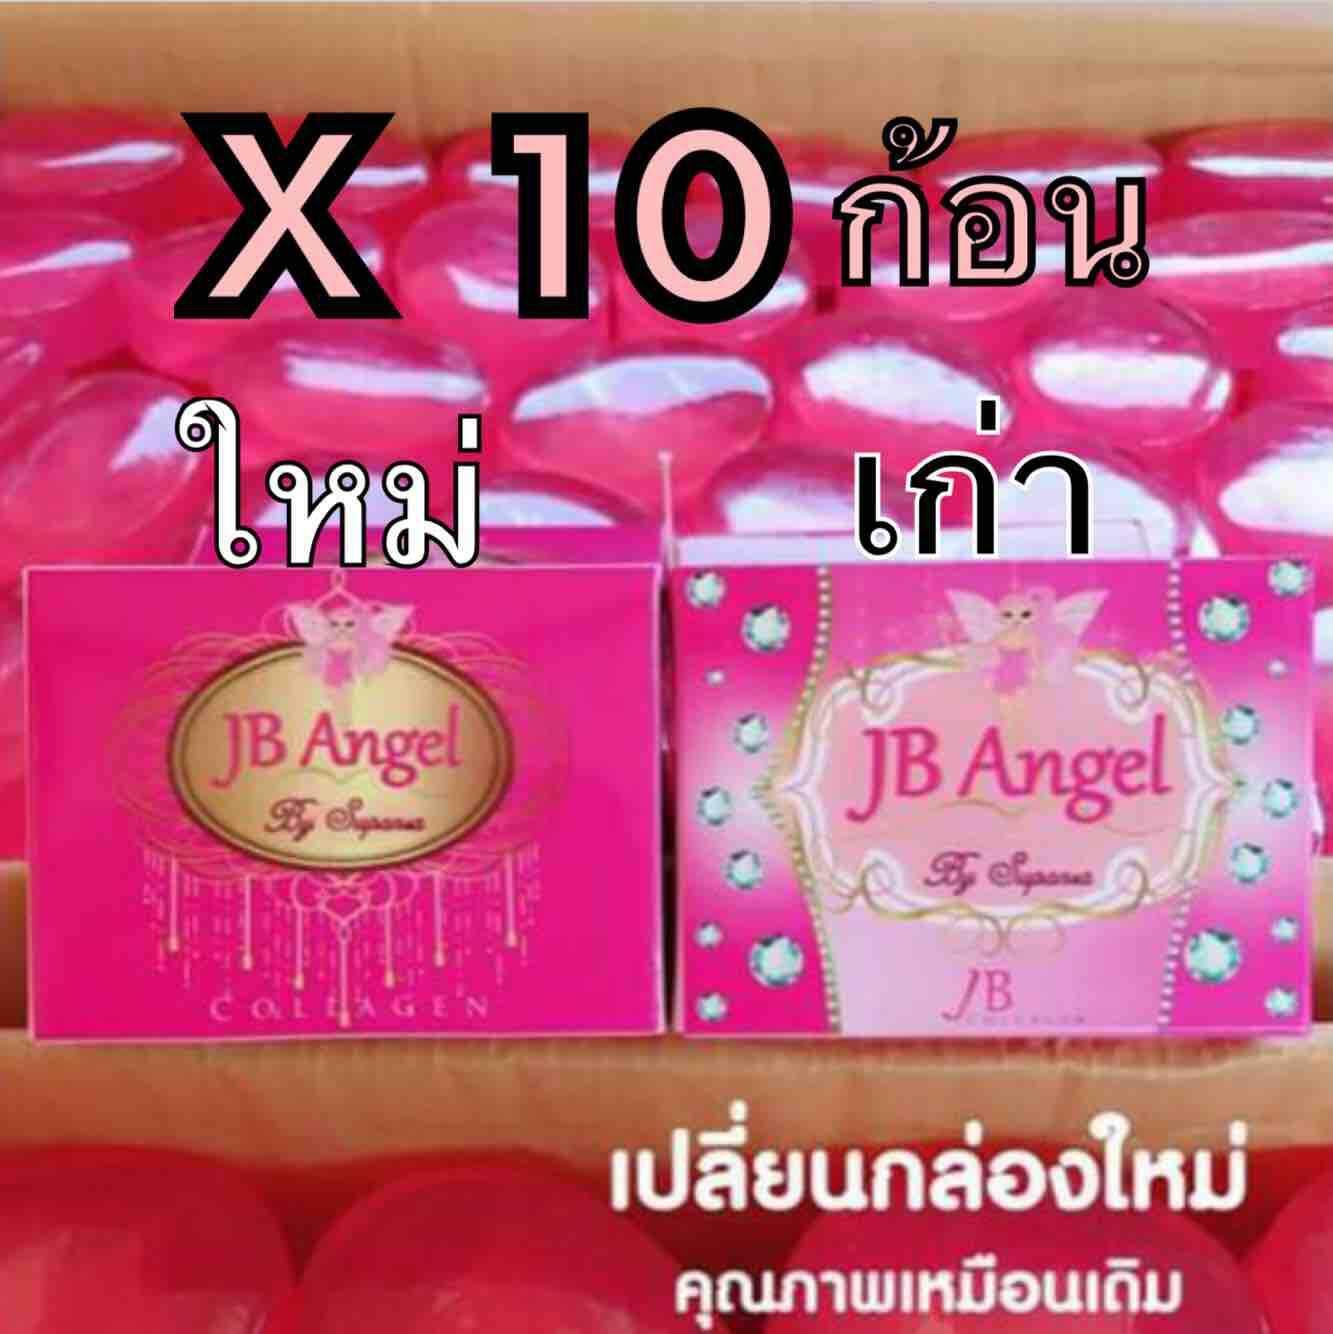 (10ก้อน) JB Angel สบู่จิบิคอลลาเจล สบู่เจบีแองเจิ้ล สบู่เจบี